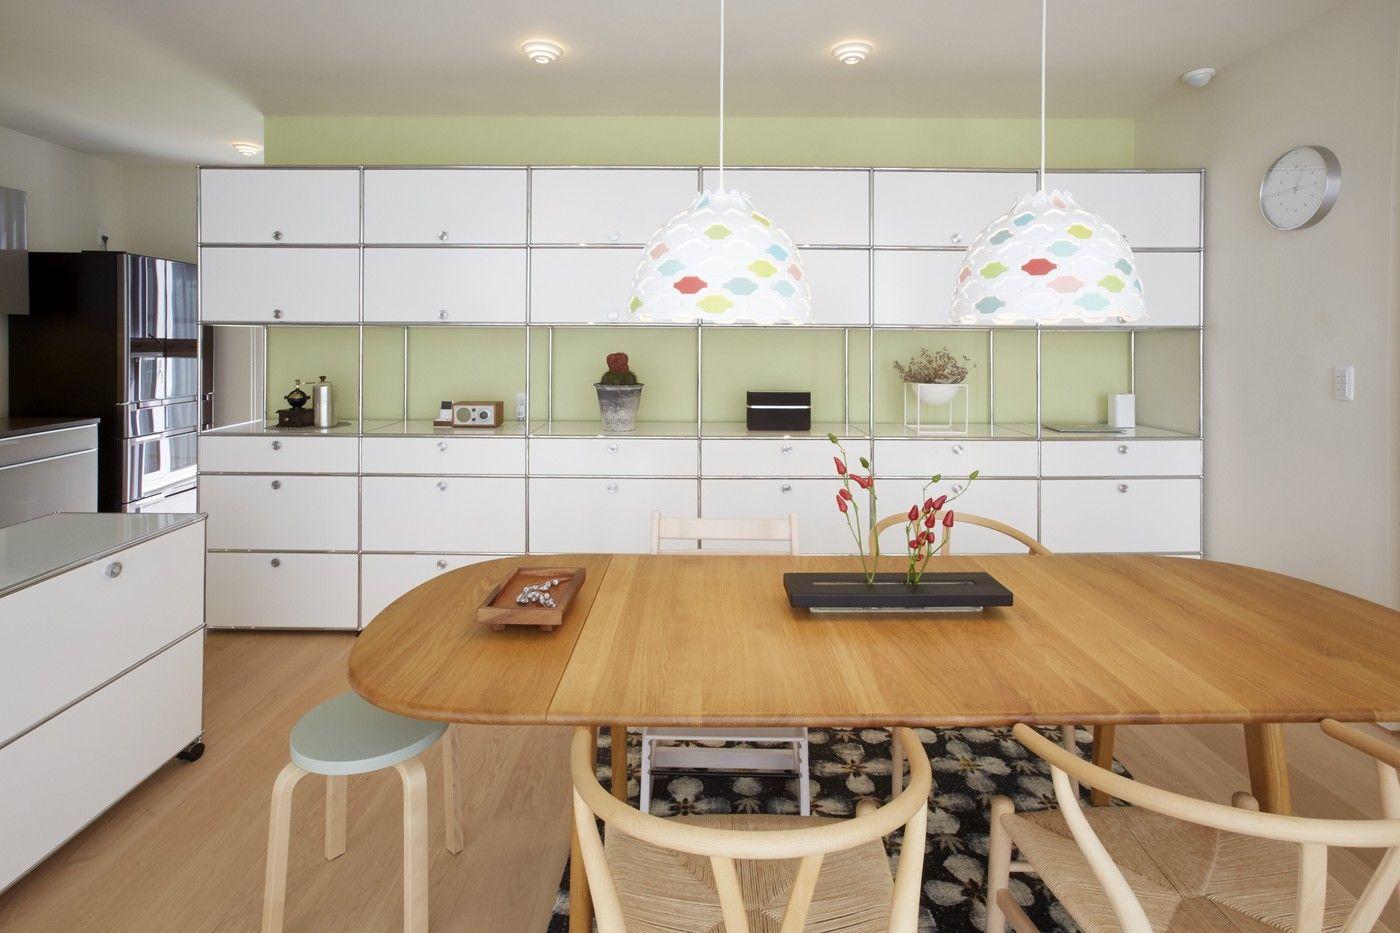 m n adore les meubles et les accessoires c est ce qui l a incit renoncer tout mobilier. Black Bedroom Furniture Sets. Home Design Ideas